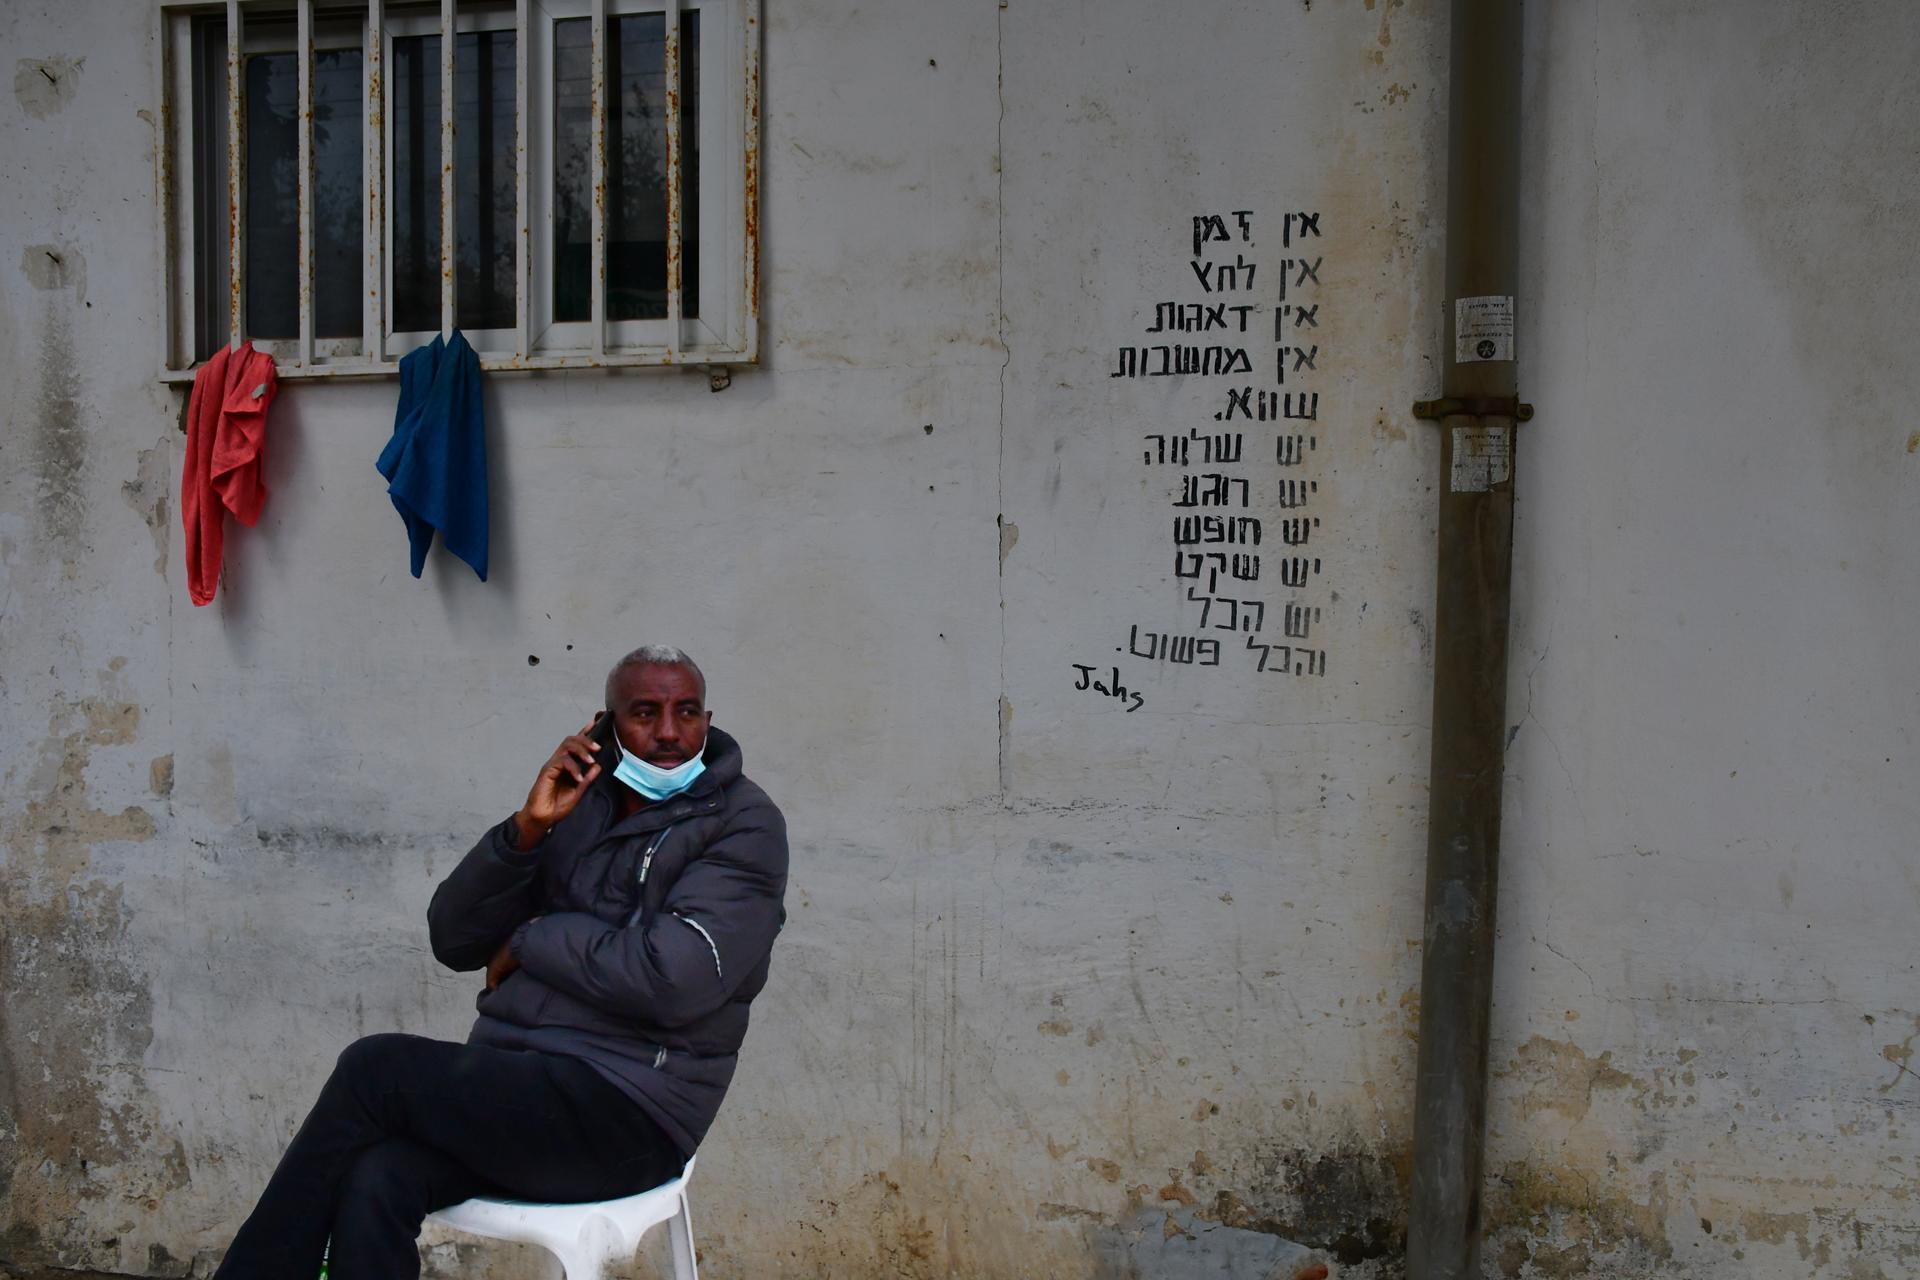 רחוב הנשמות הטהורות - גרפיטי - שפירא תל אביב - יואל שתרוג - אדמה יוצרת - yoel sitruk